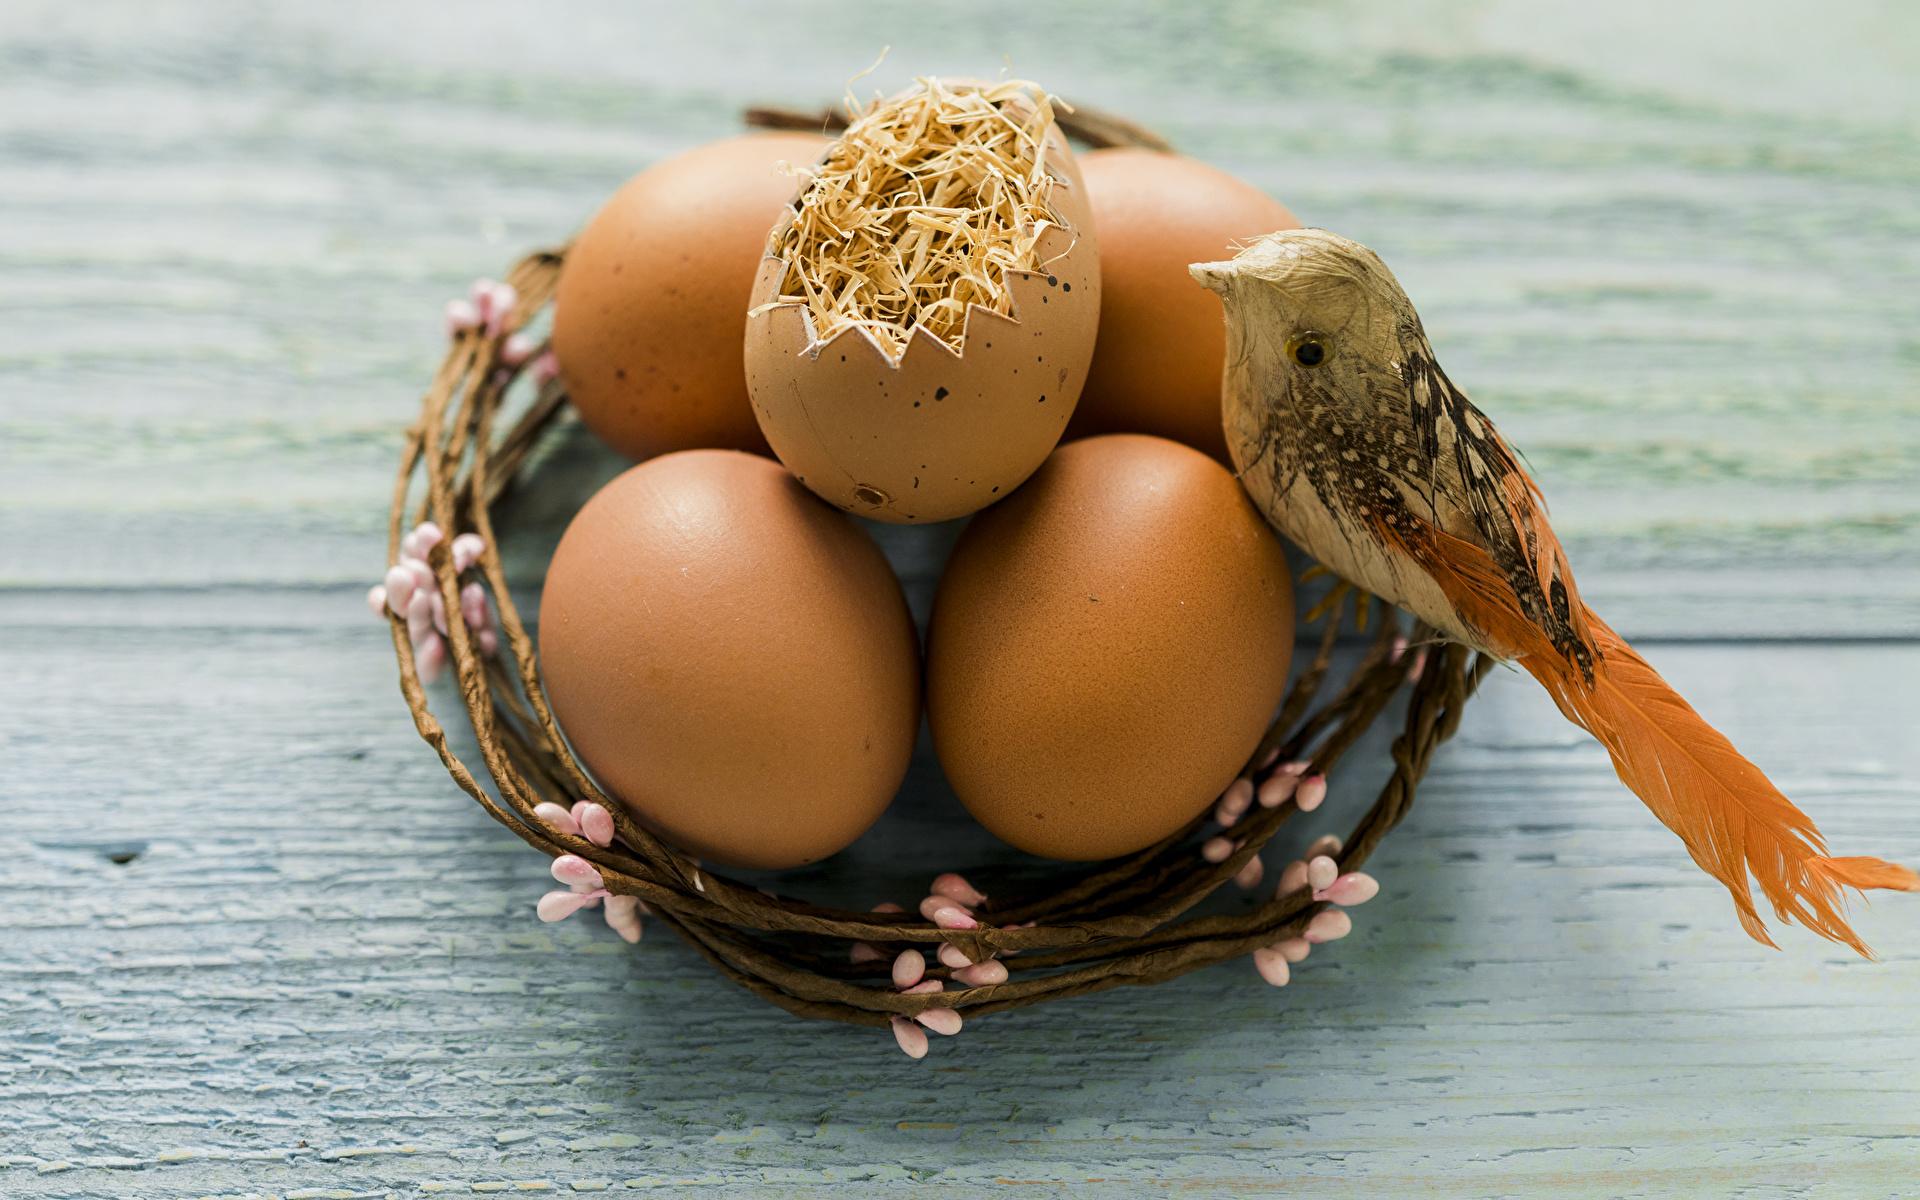 Фото Пасха Птицы яйцами гнезда Праздники Доски 1920x1200 птица яиц яйцо Яйца Гнездо гнезде